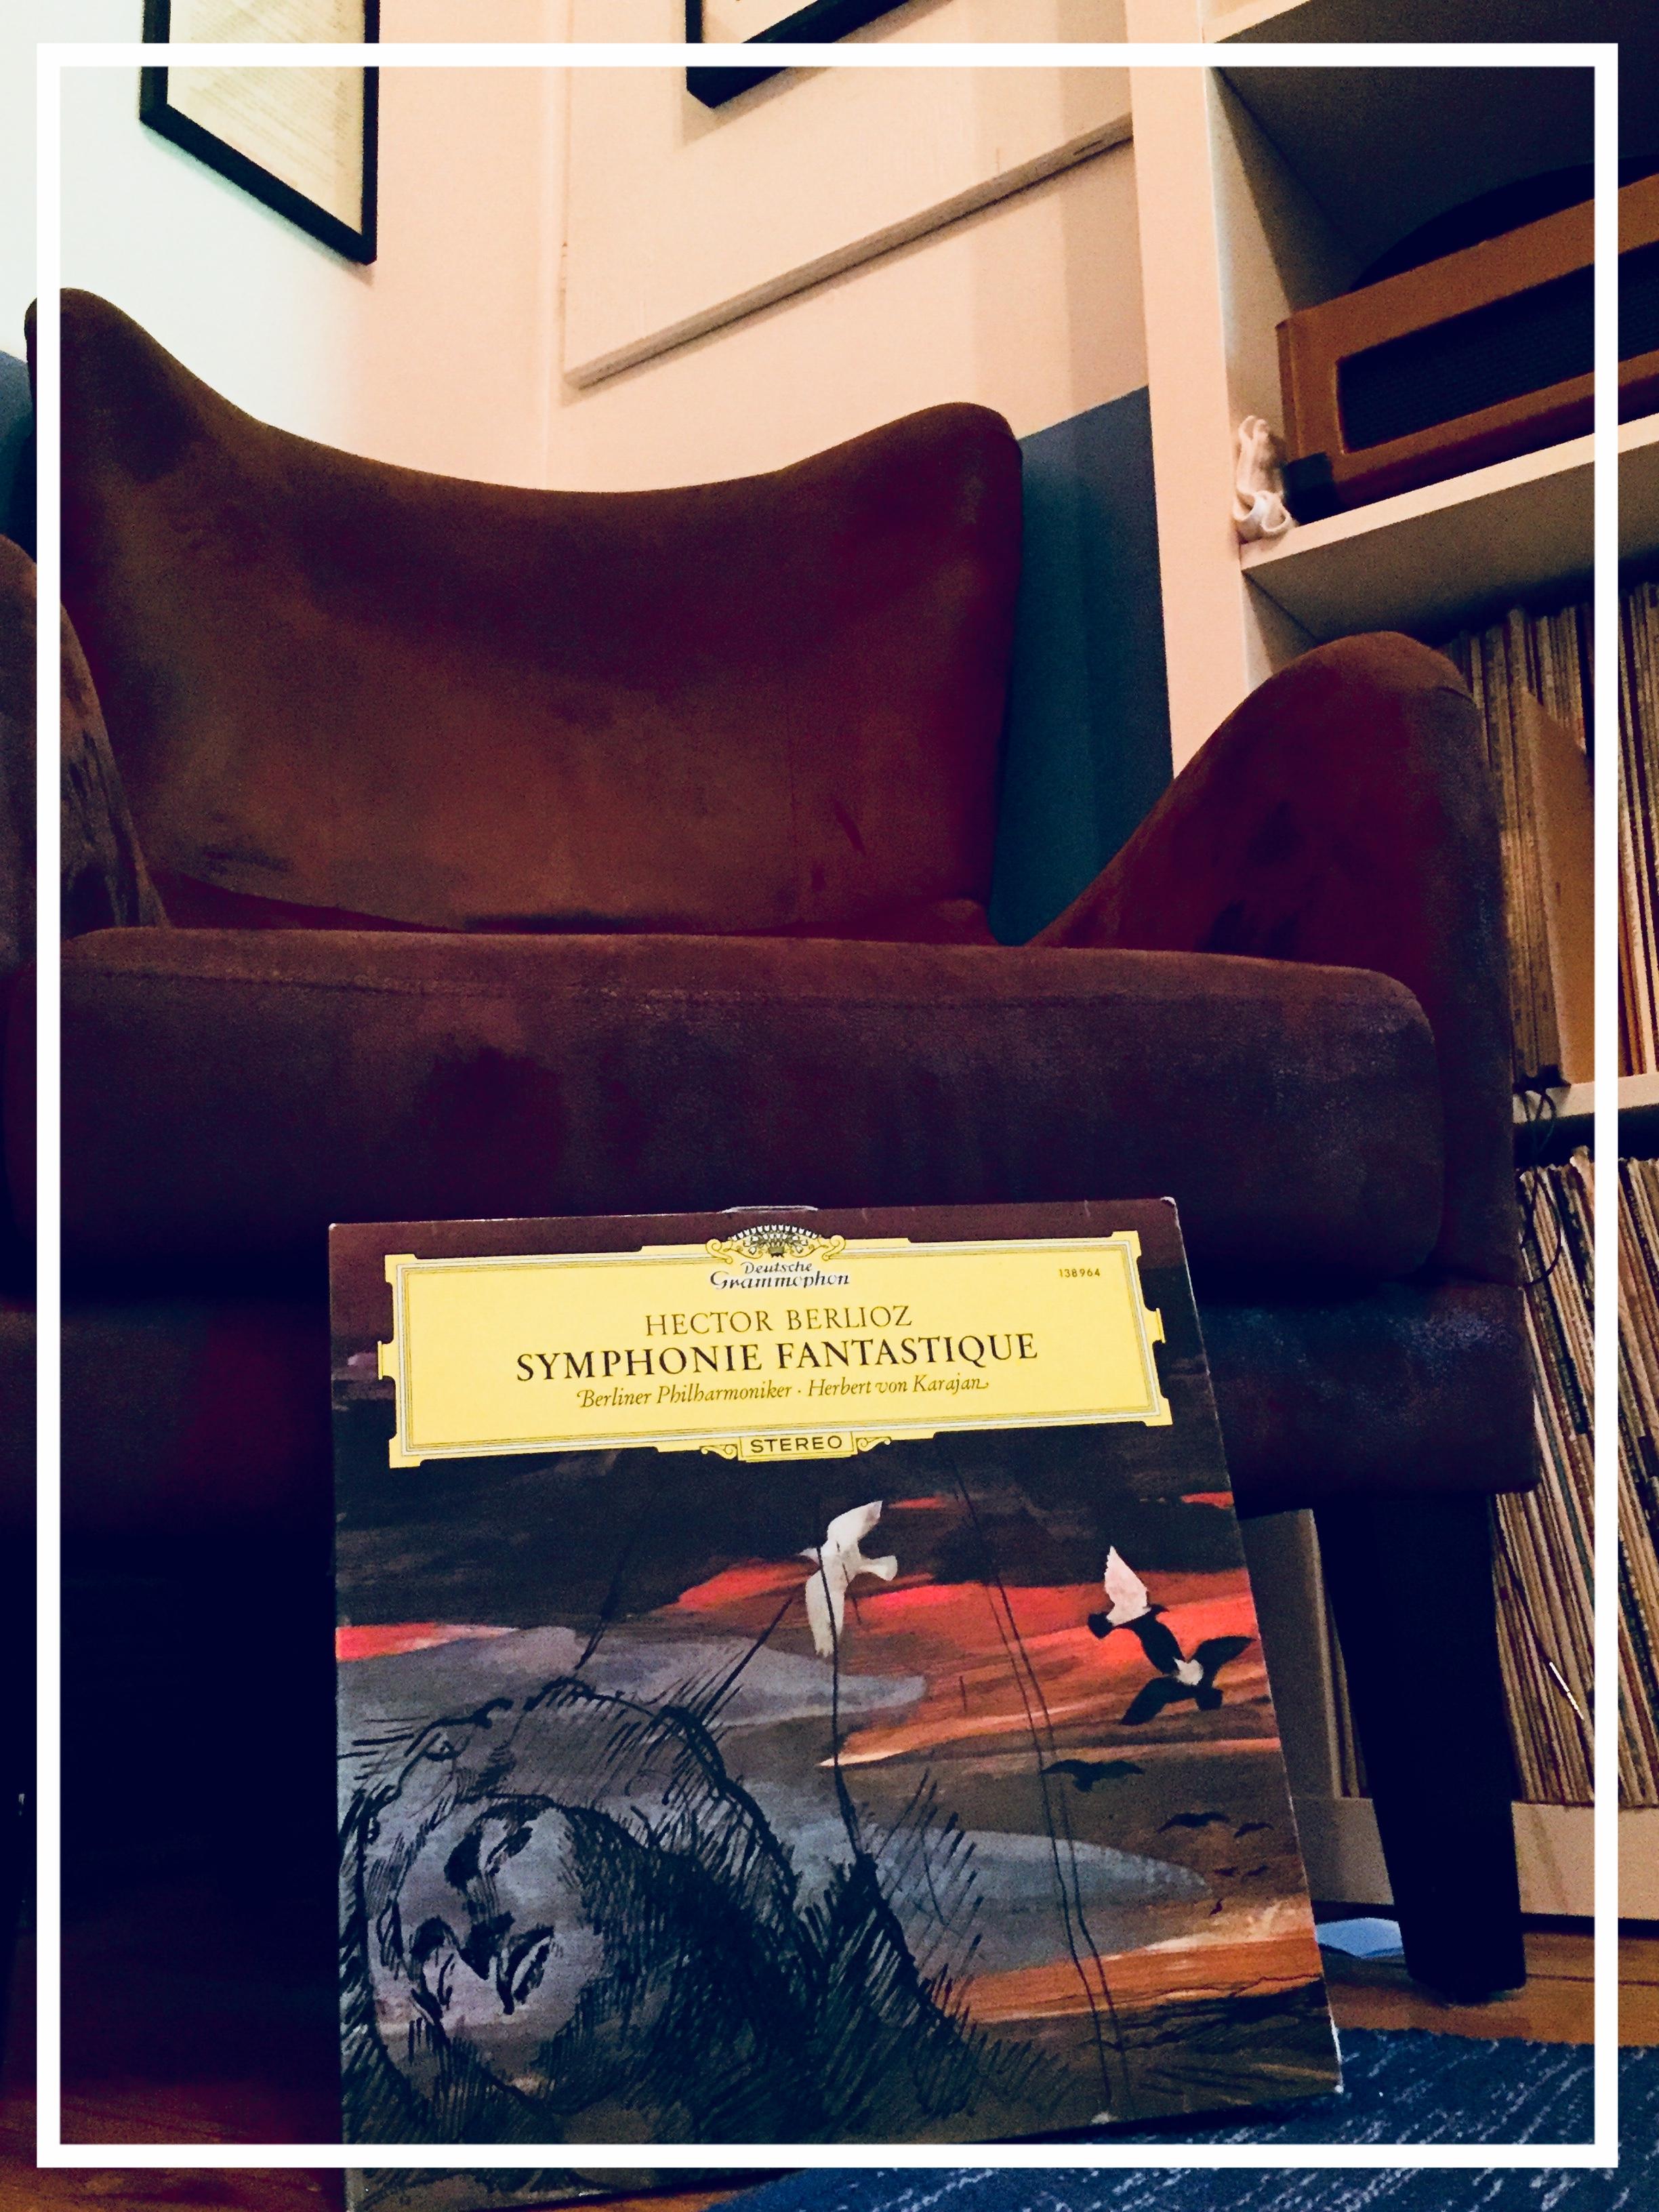 Symphony Fantastique -- Hector Berlioz - Deutsche Grammophone -- Berliner Philharmoniker